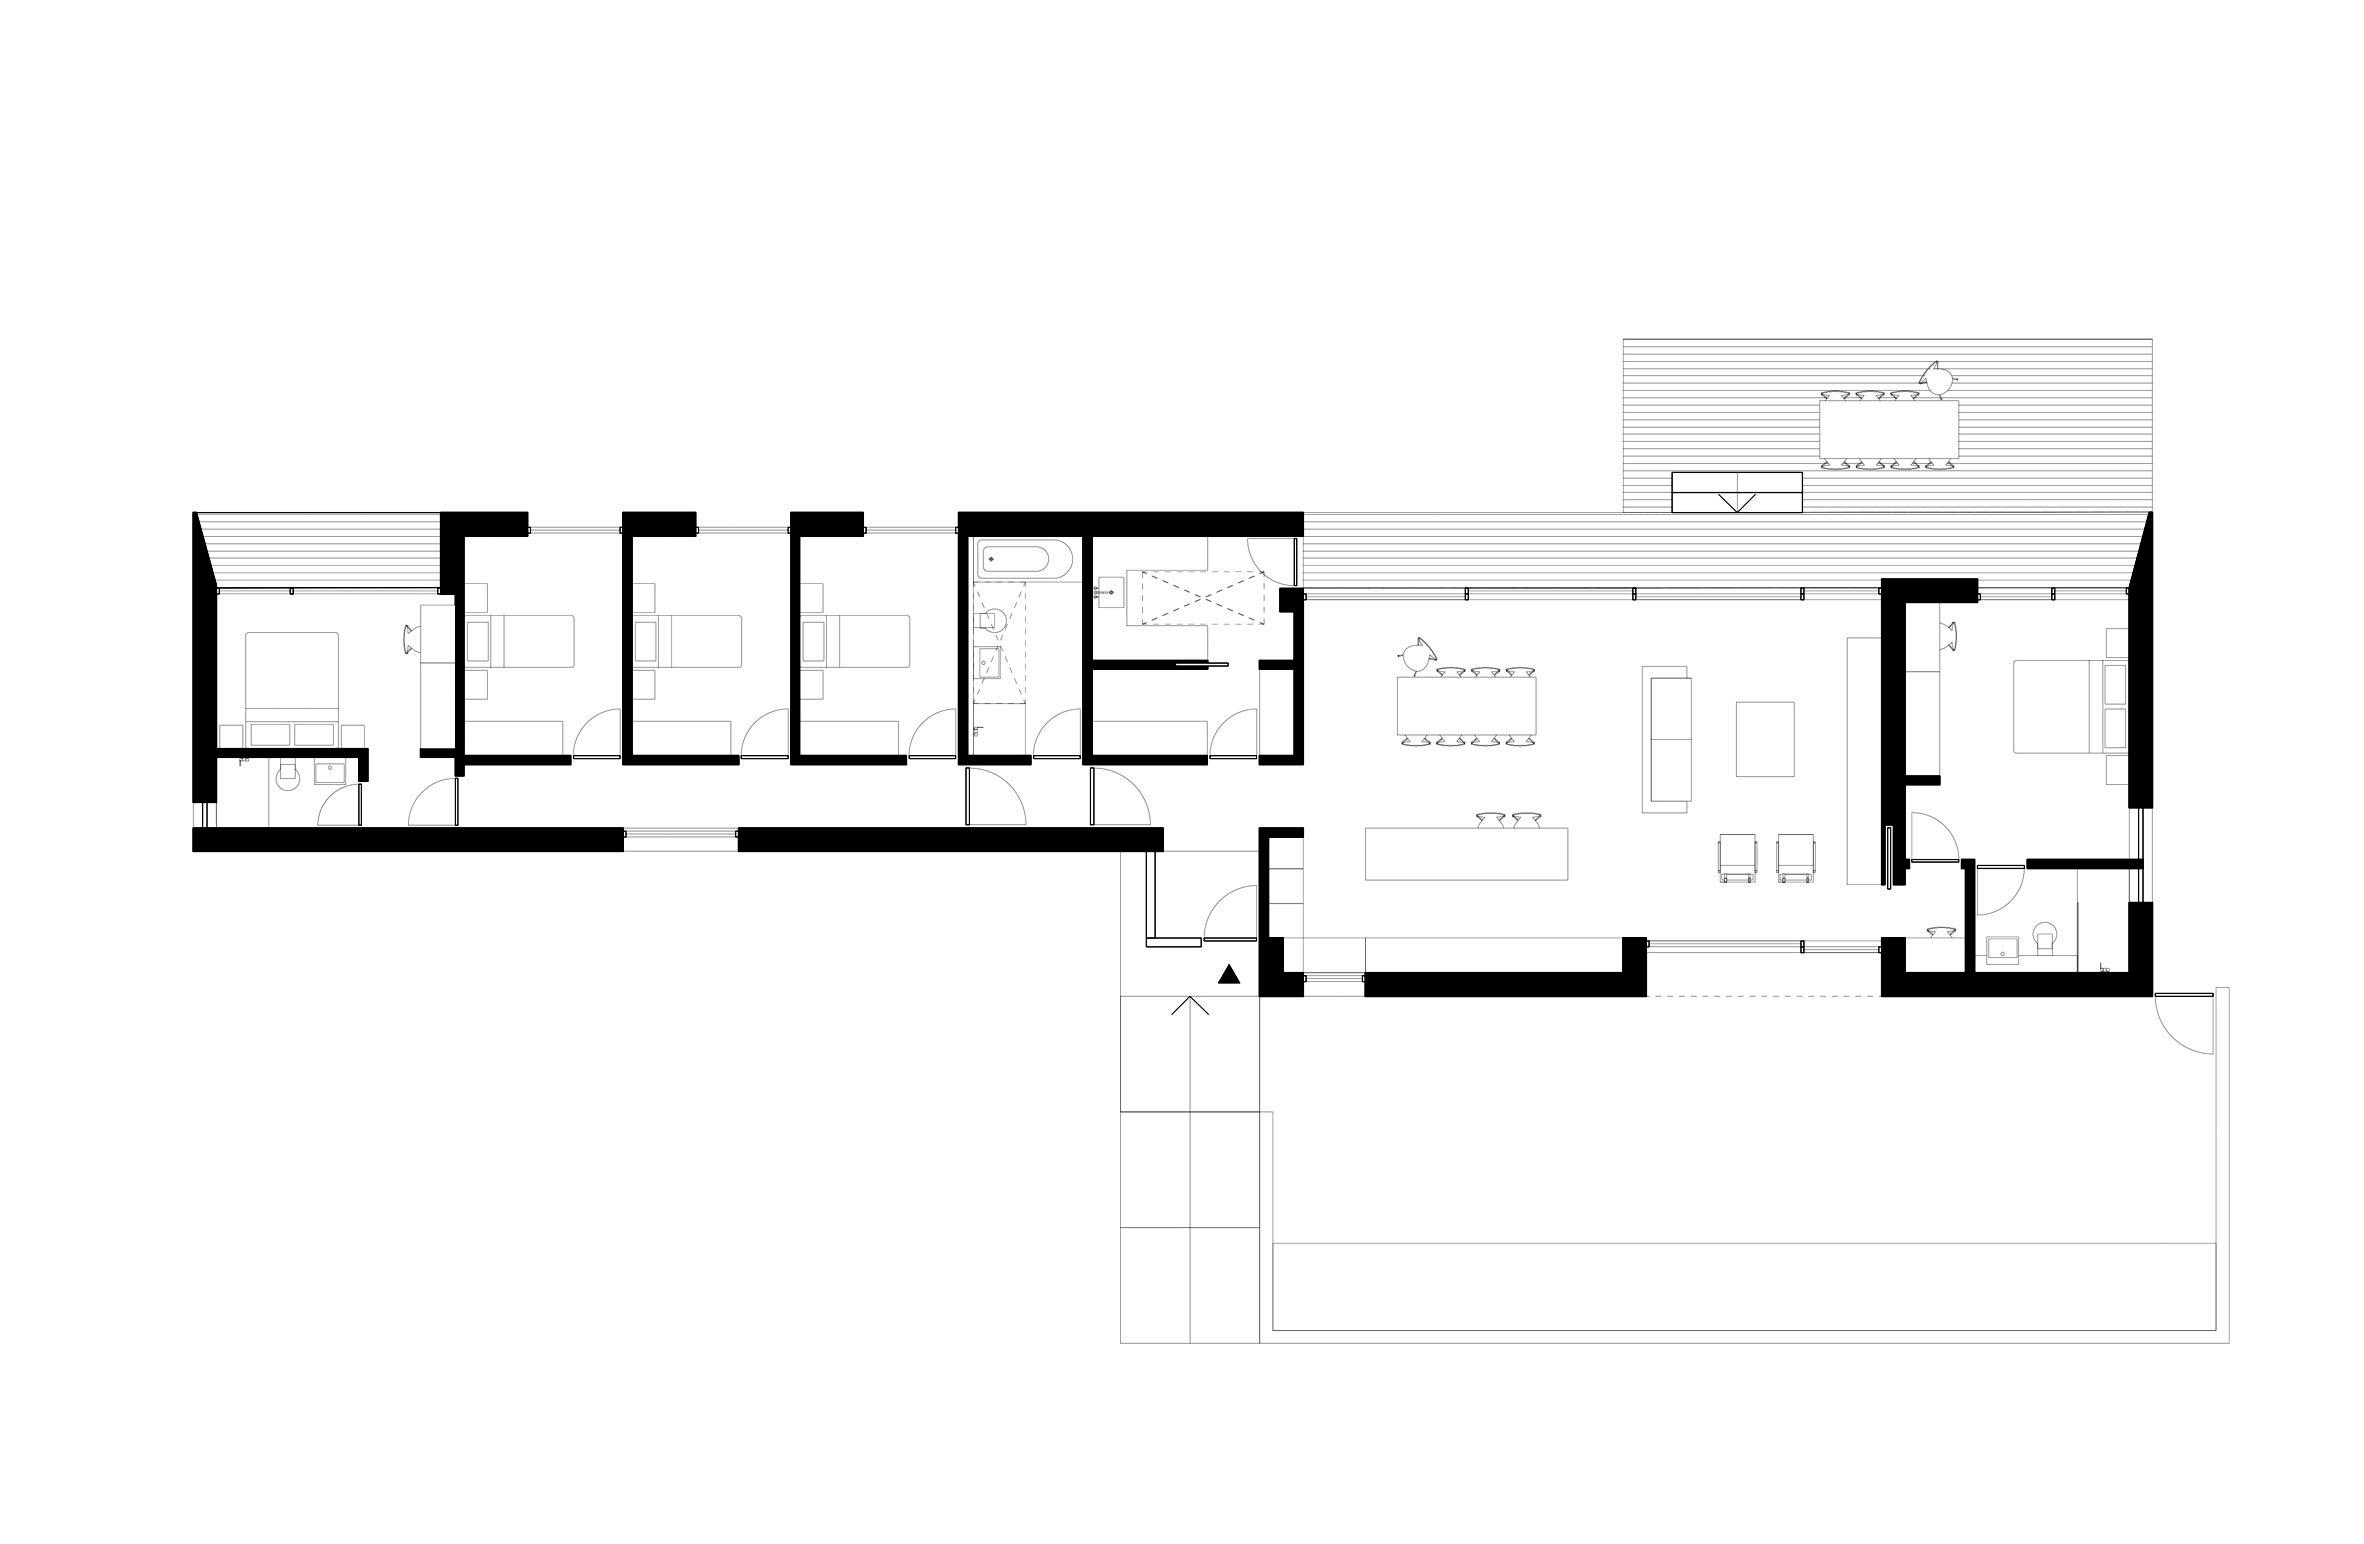 maison bois plan